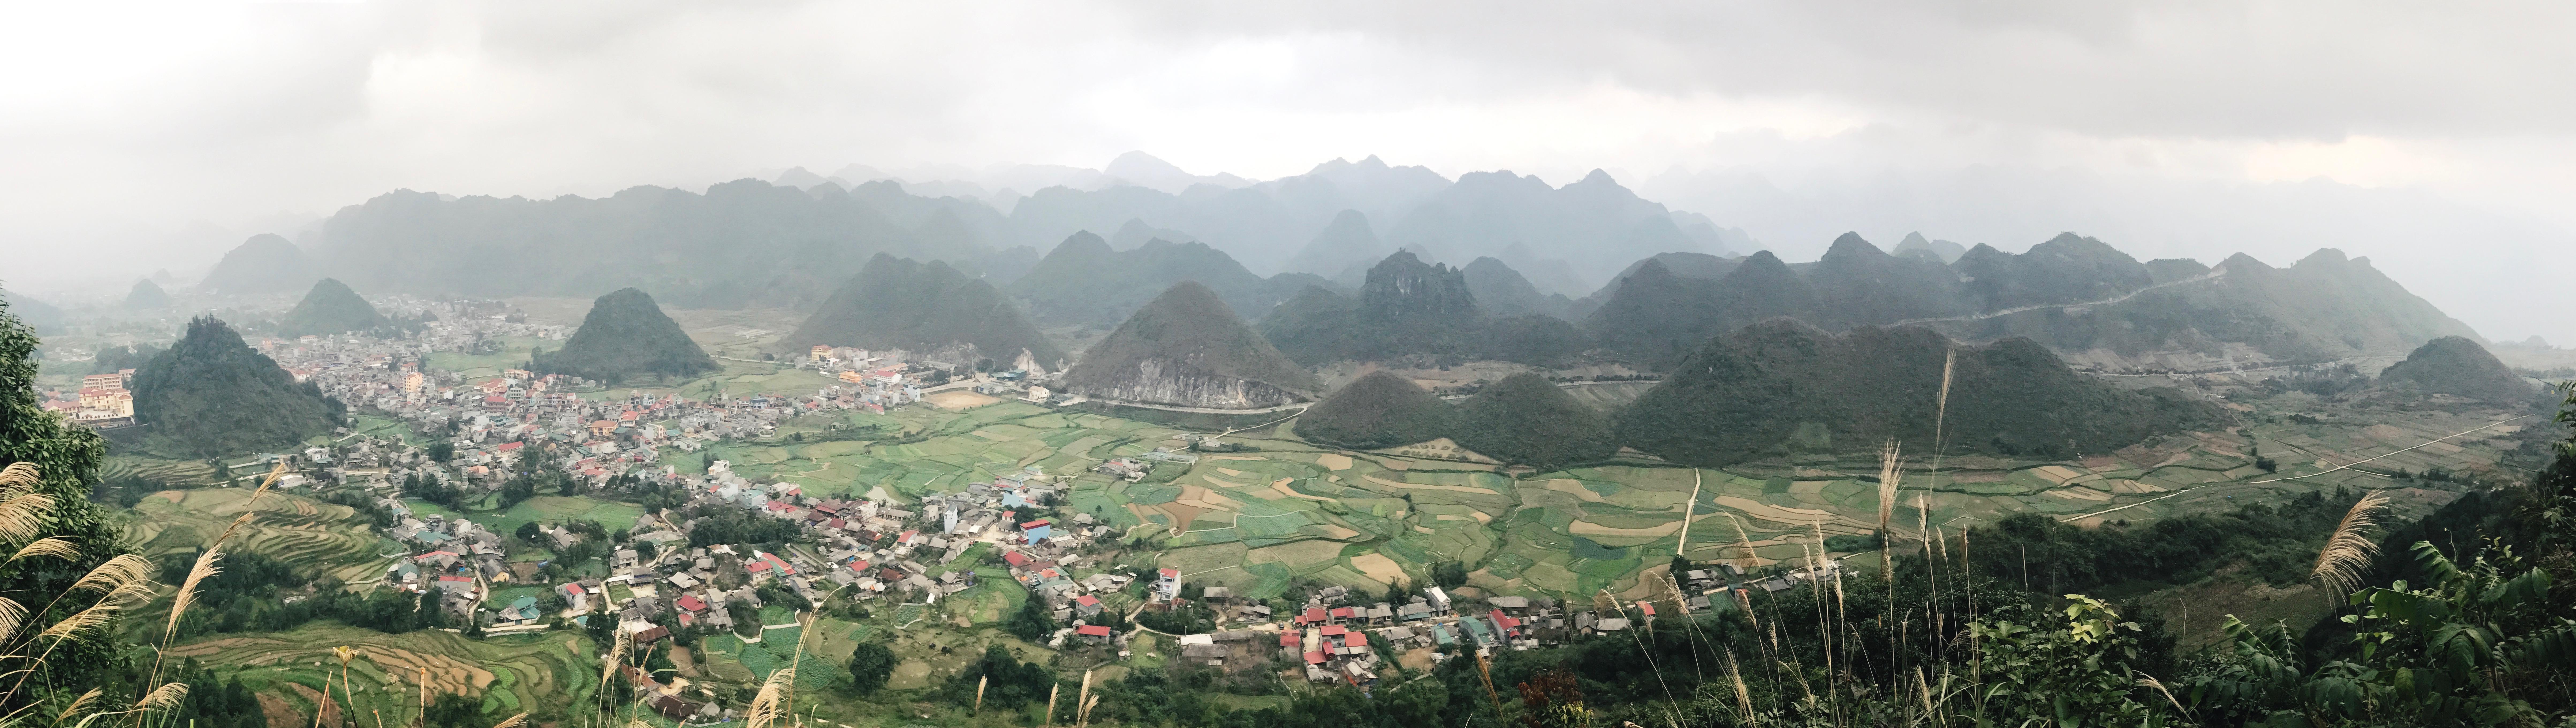 Quan Ba Pass panoramic